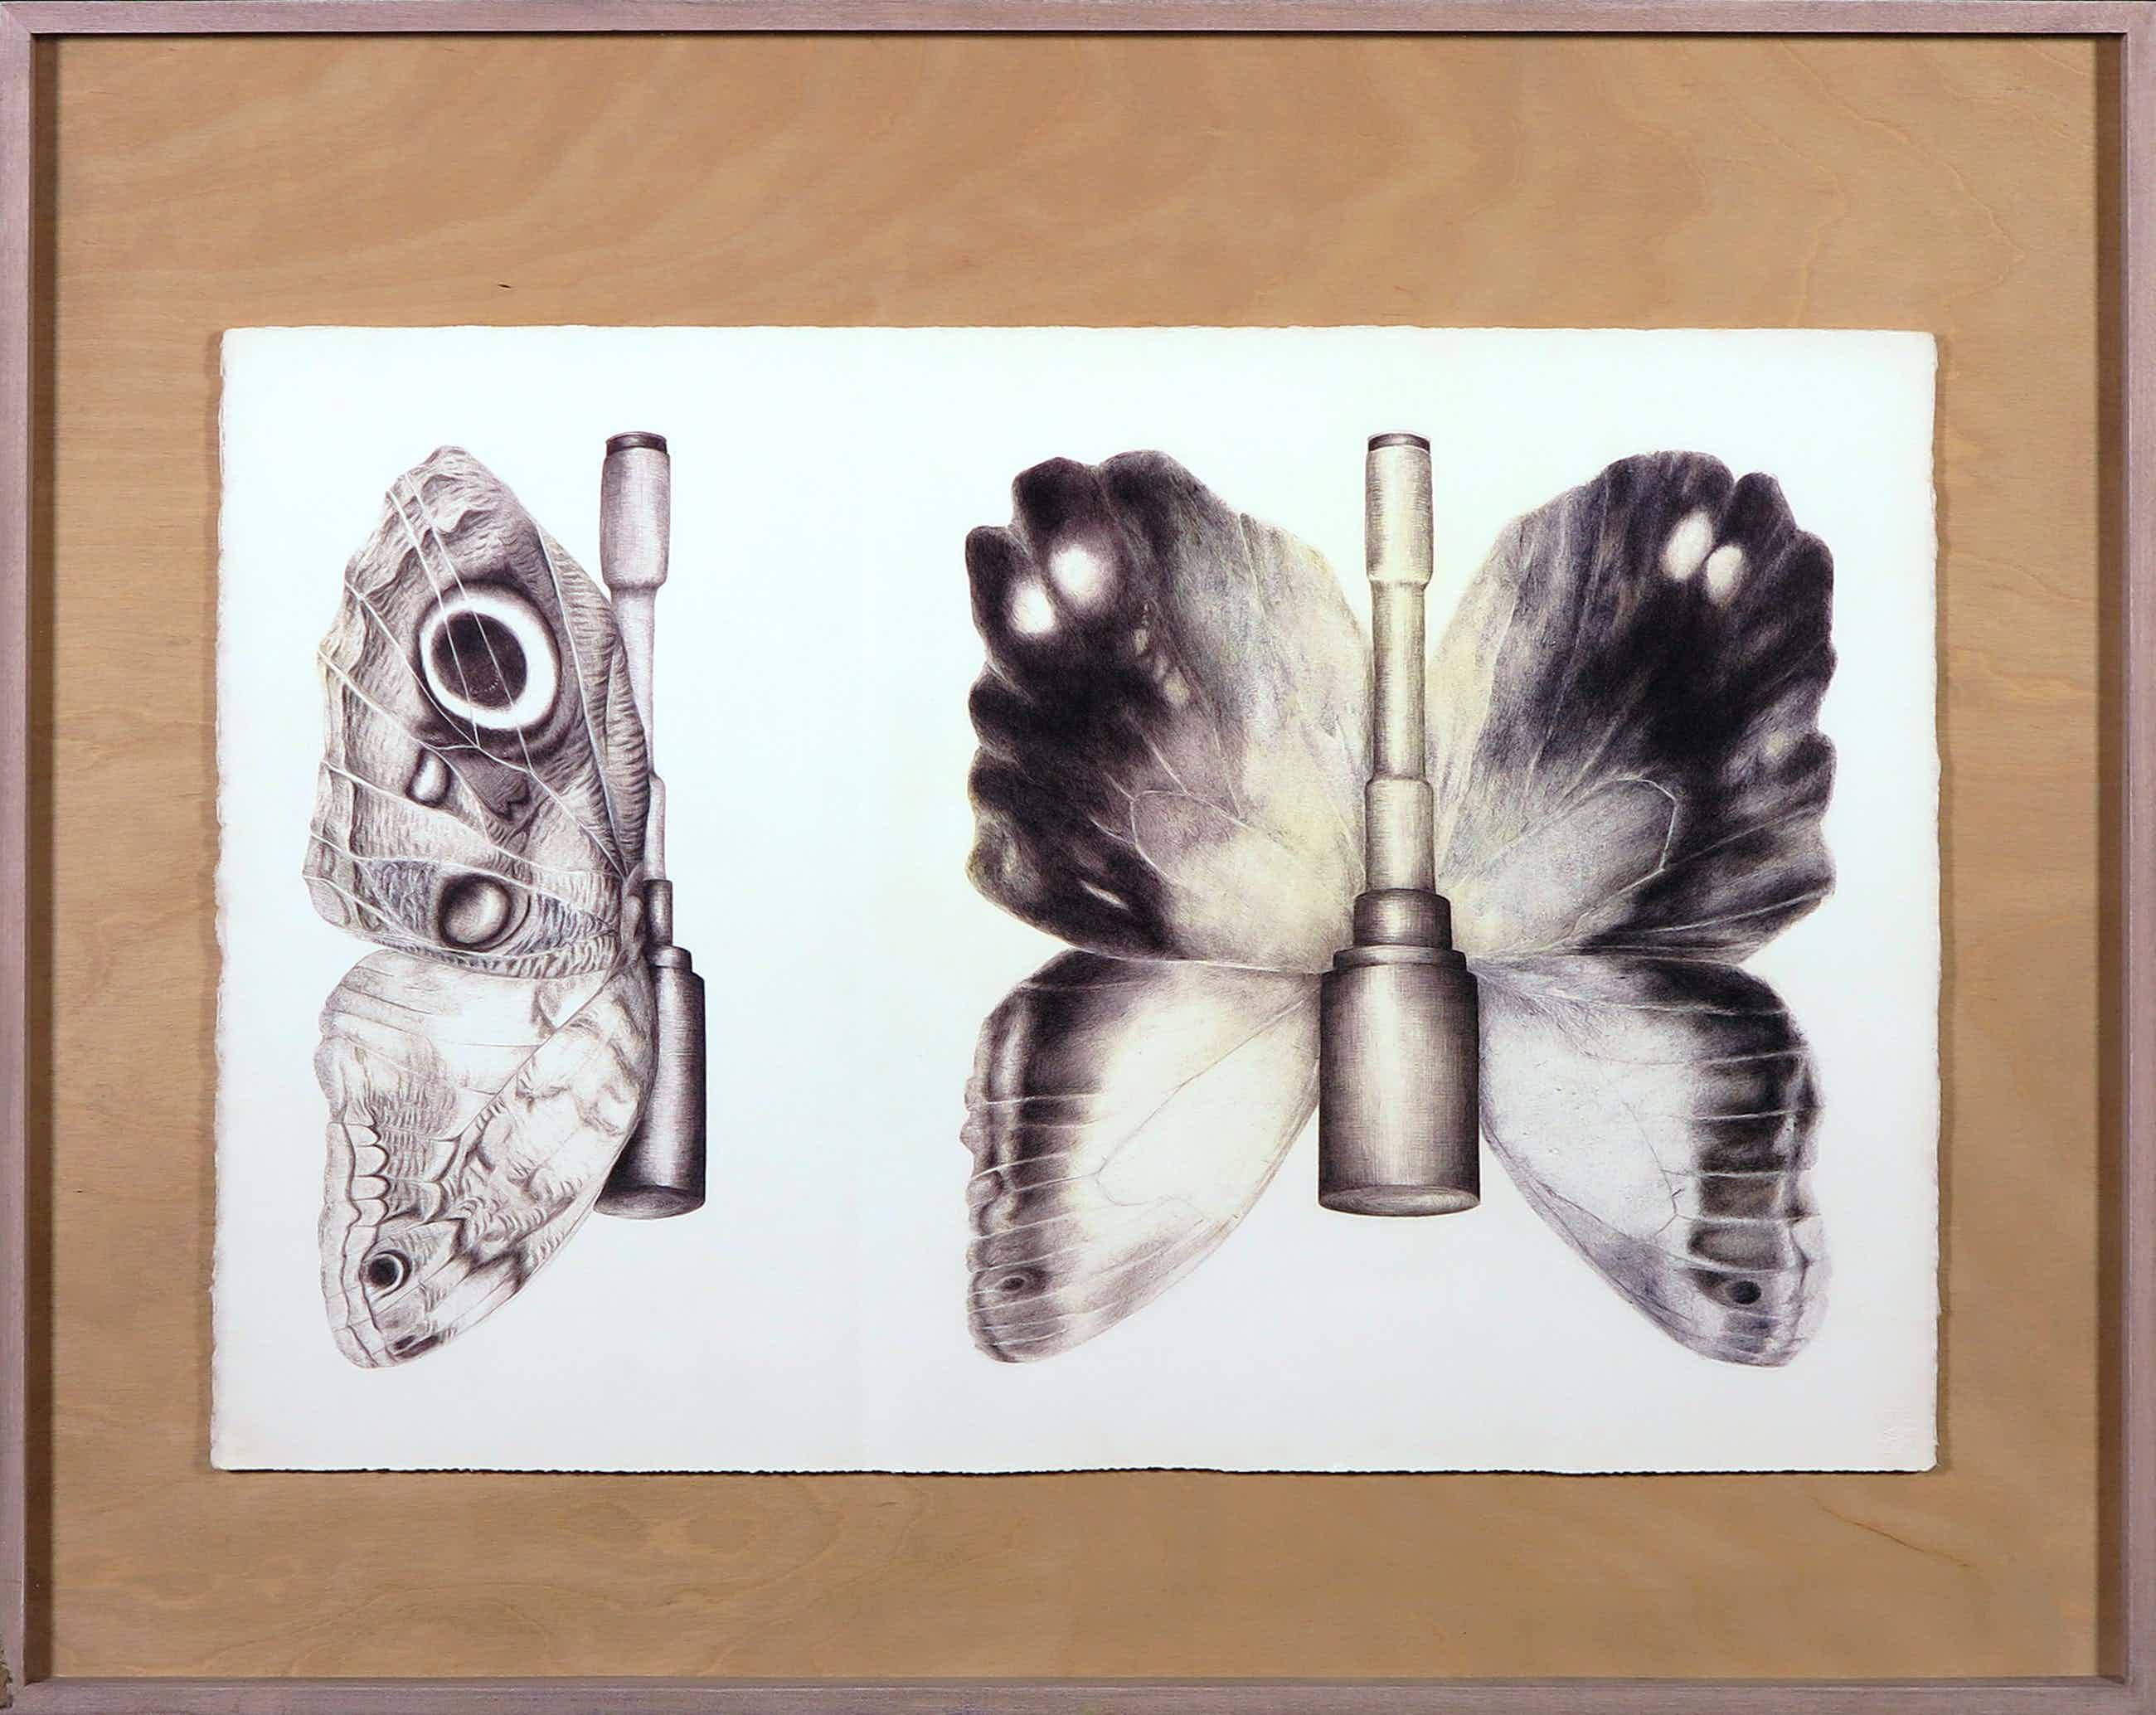 Lin de Mol - Pentekening, Book of determination, plate 3, butterfly grenade - Ingelijst kopen? Bied vanaf 100!